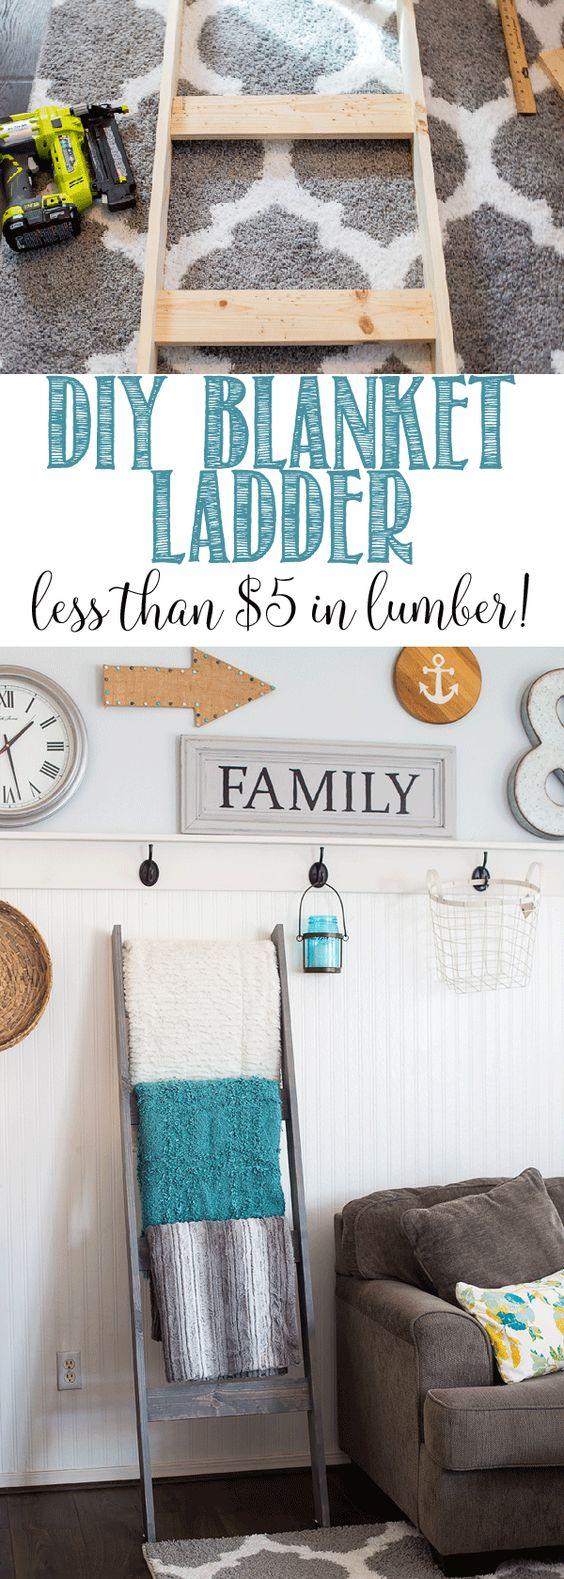 diy blanket ladder under $10 | towels, blankets and ladder